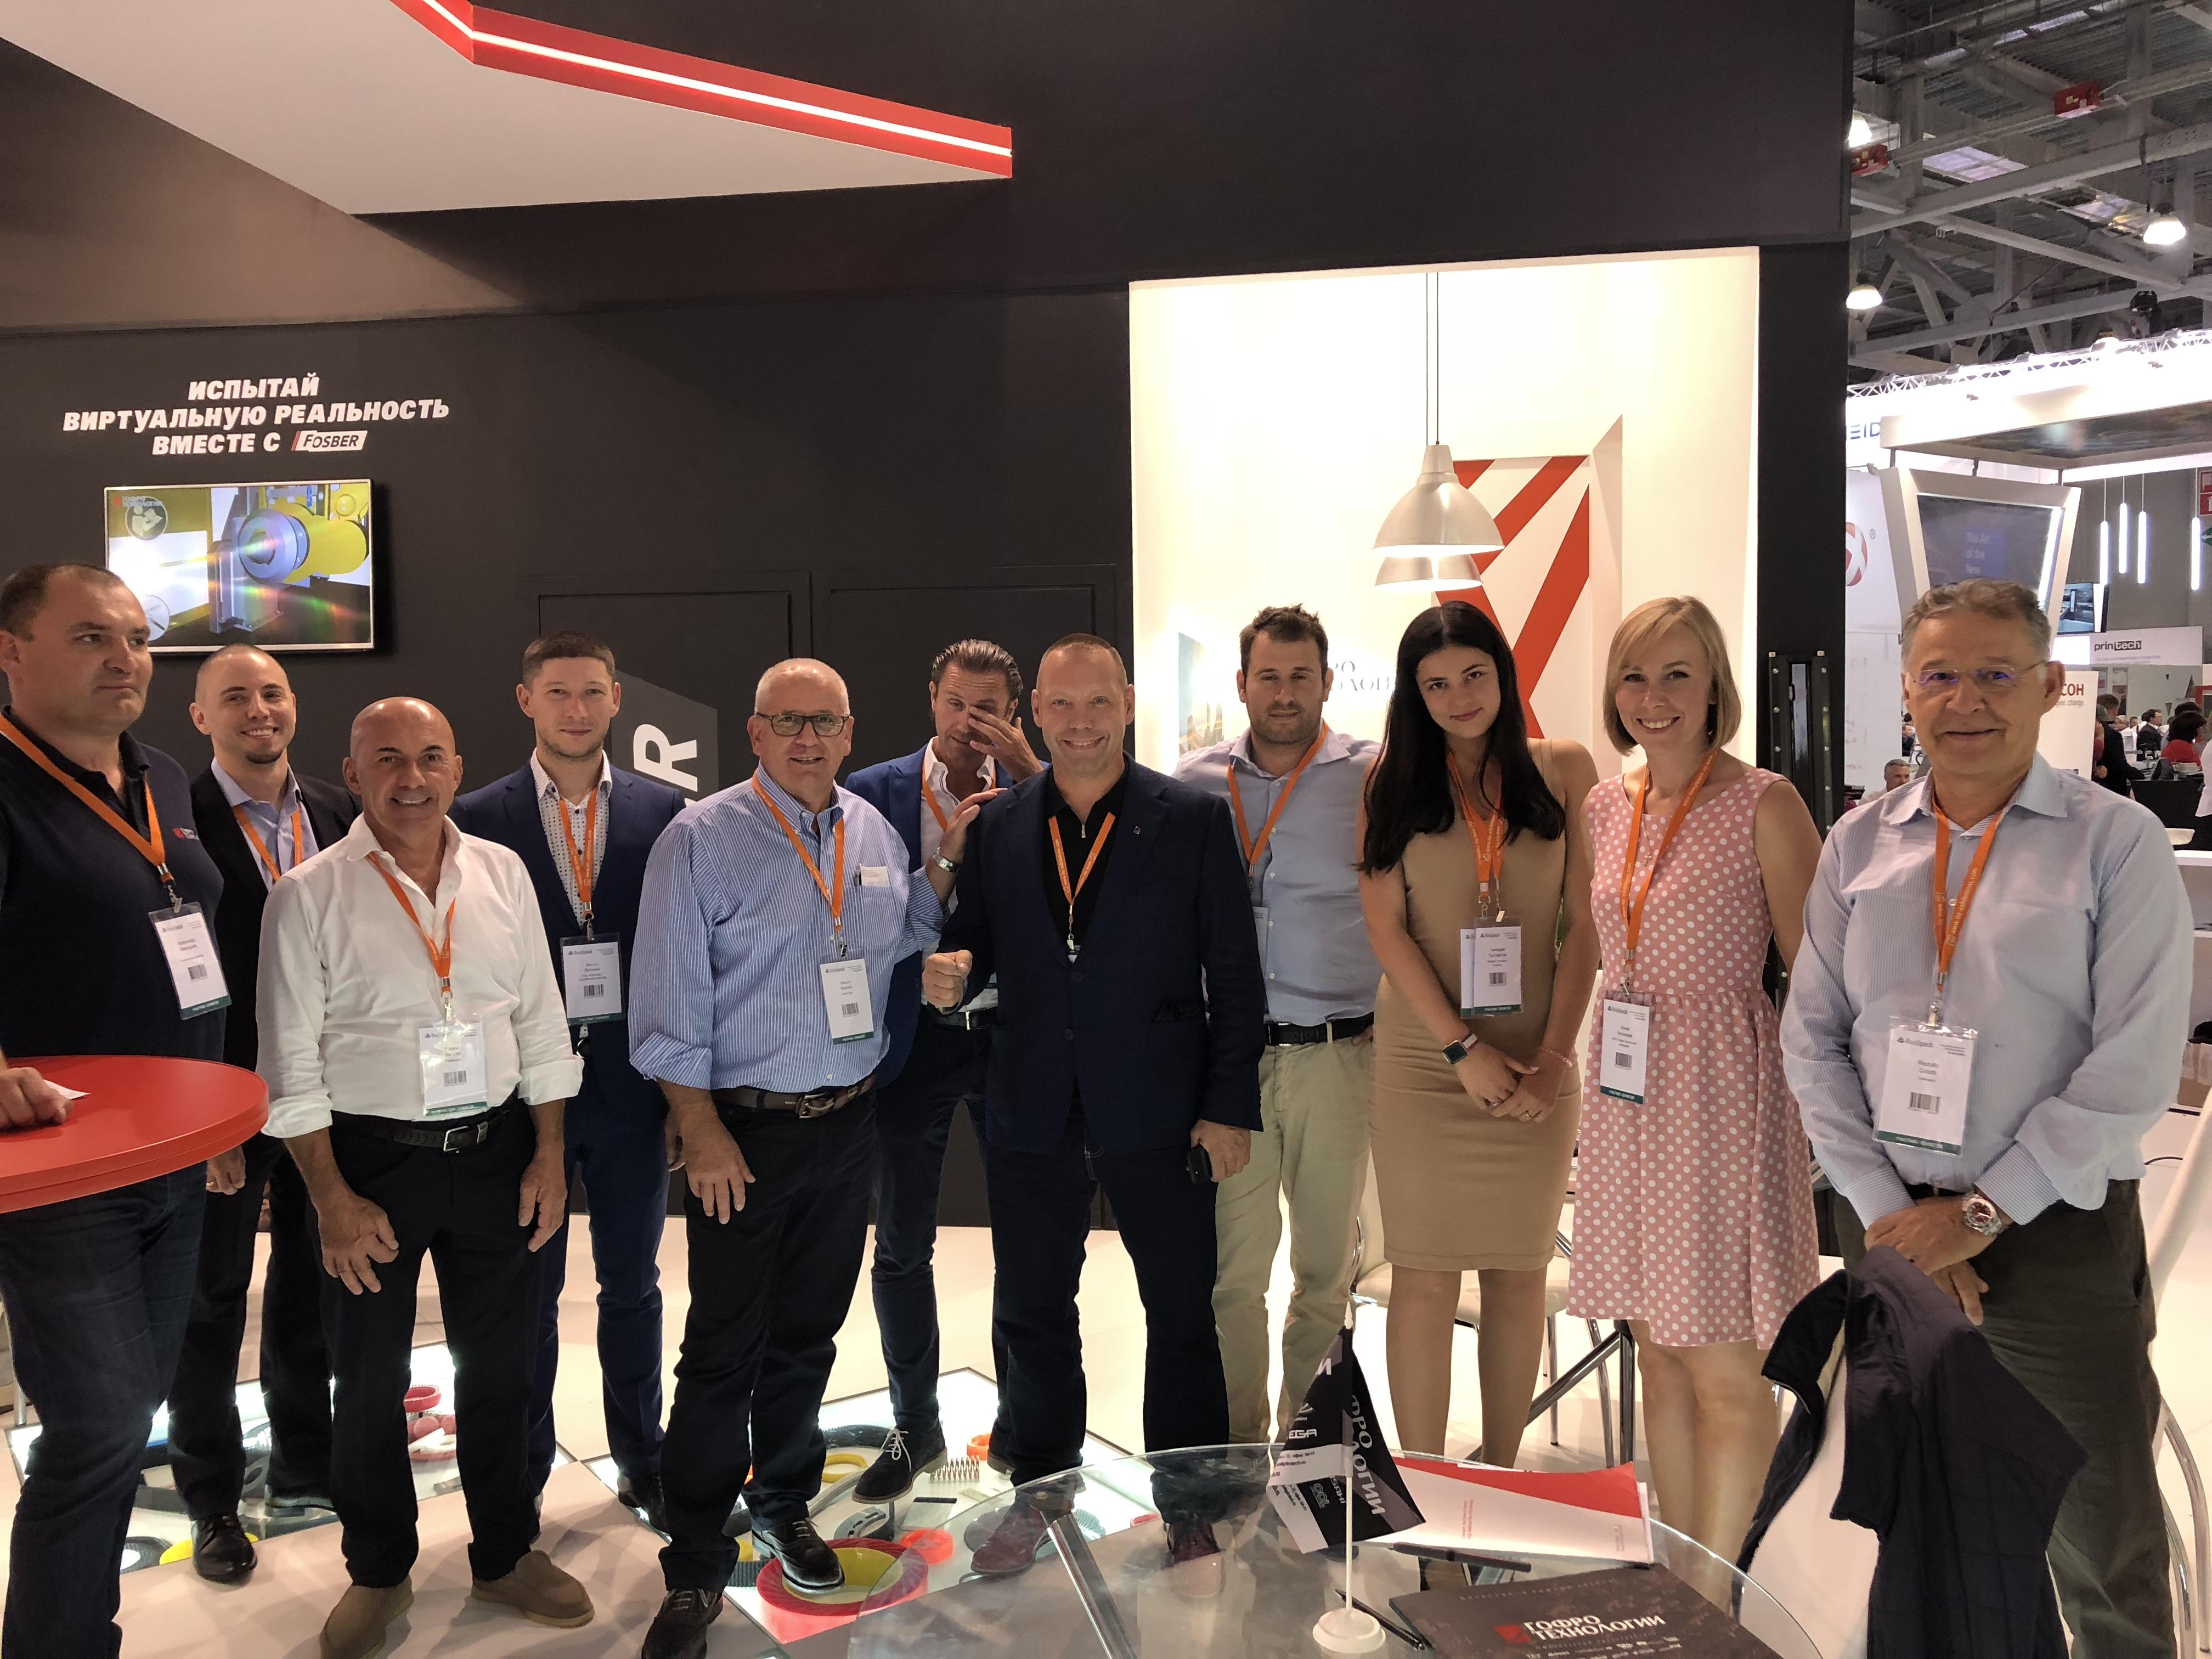 «Гофро Технологии» и легендарный производитель гофрооборудования ТСУ вновь примут участие на выставке RosUpack – 2019